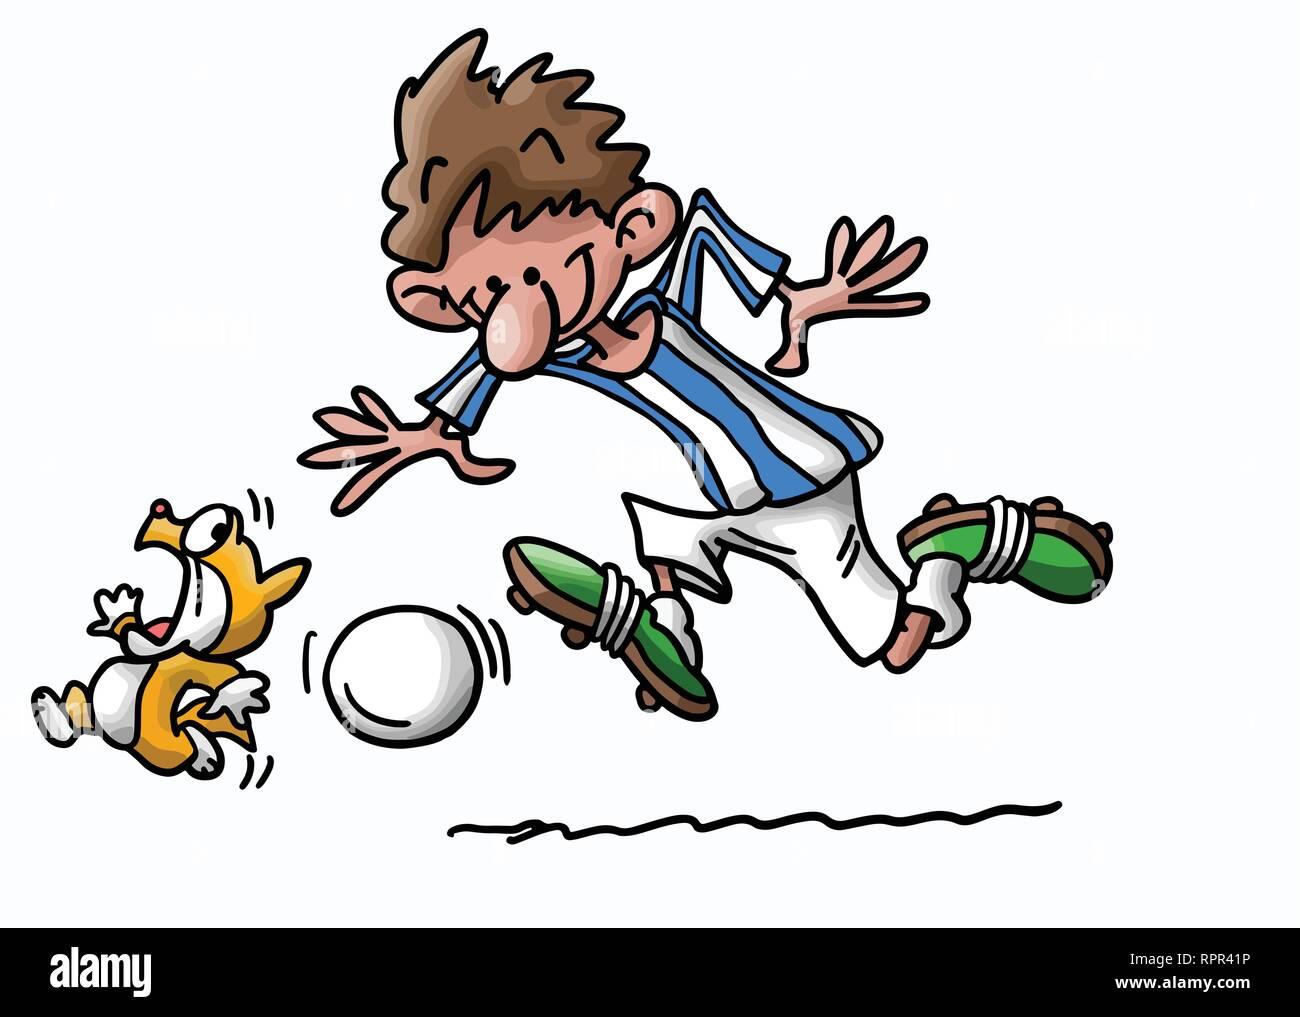 Cartoon Katze Und Mensch Spielen Fussball Vector Illustration